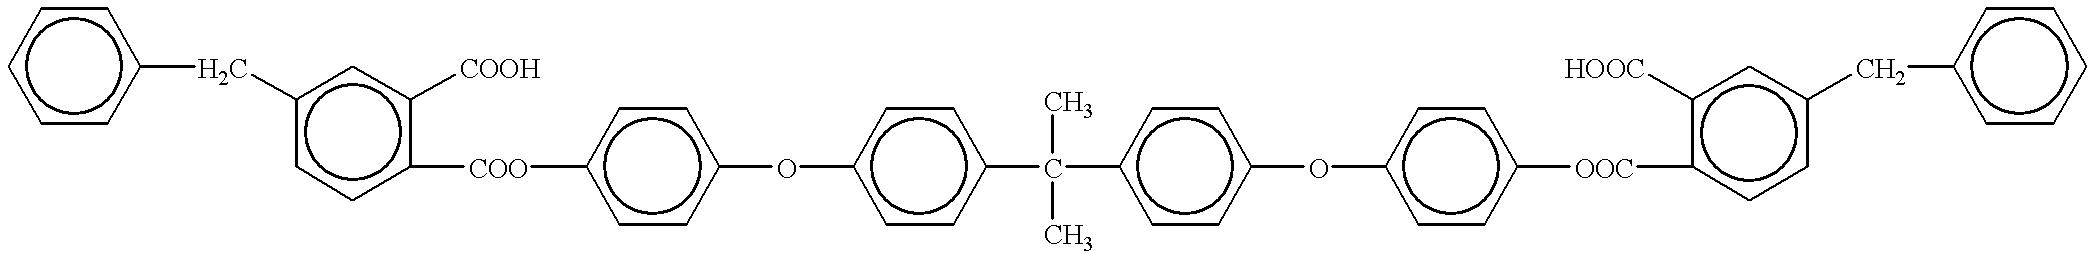 Figure US06180560-20010130-C00371